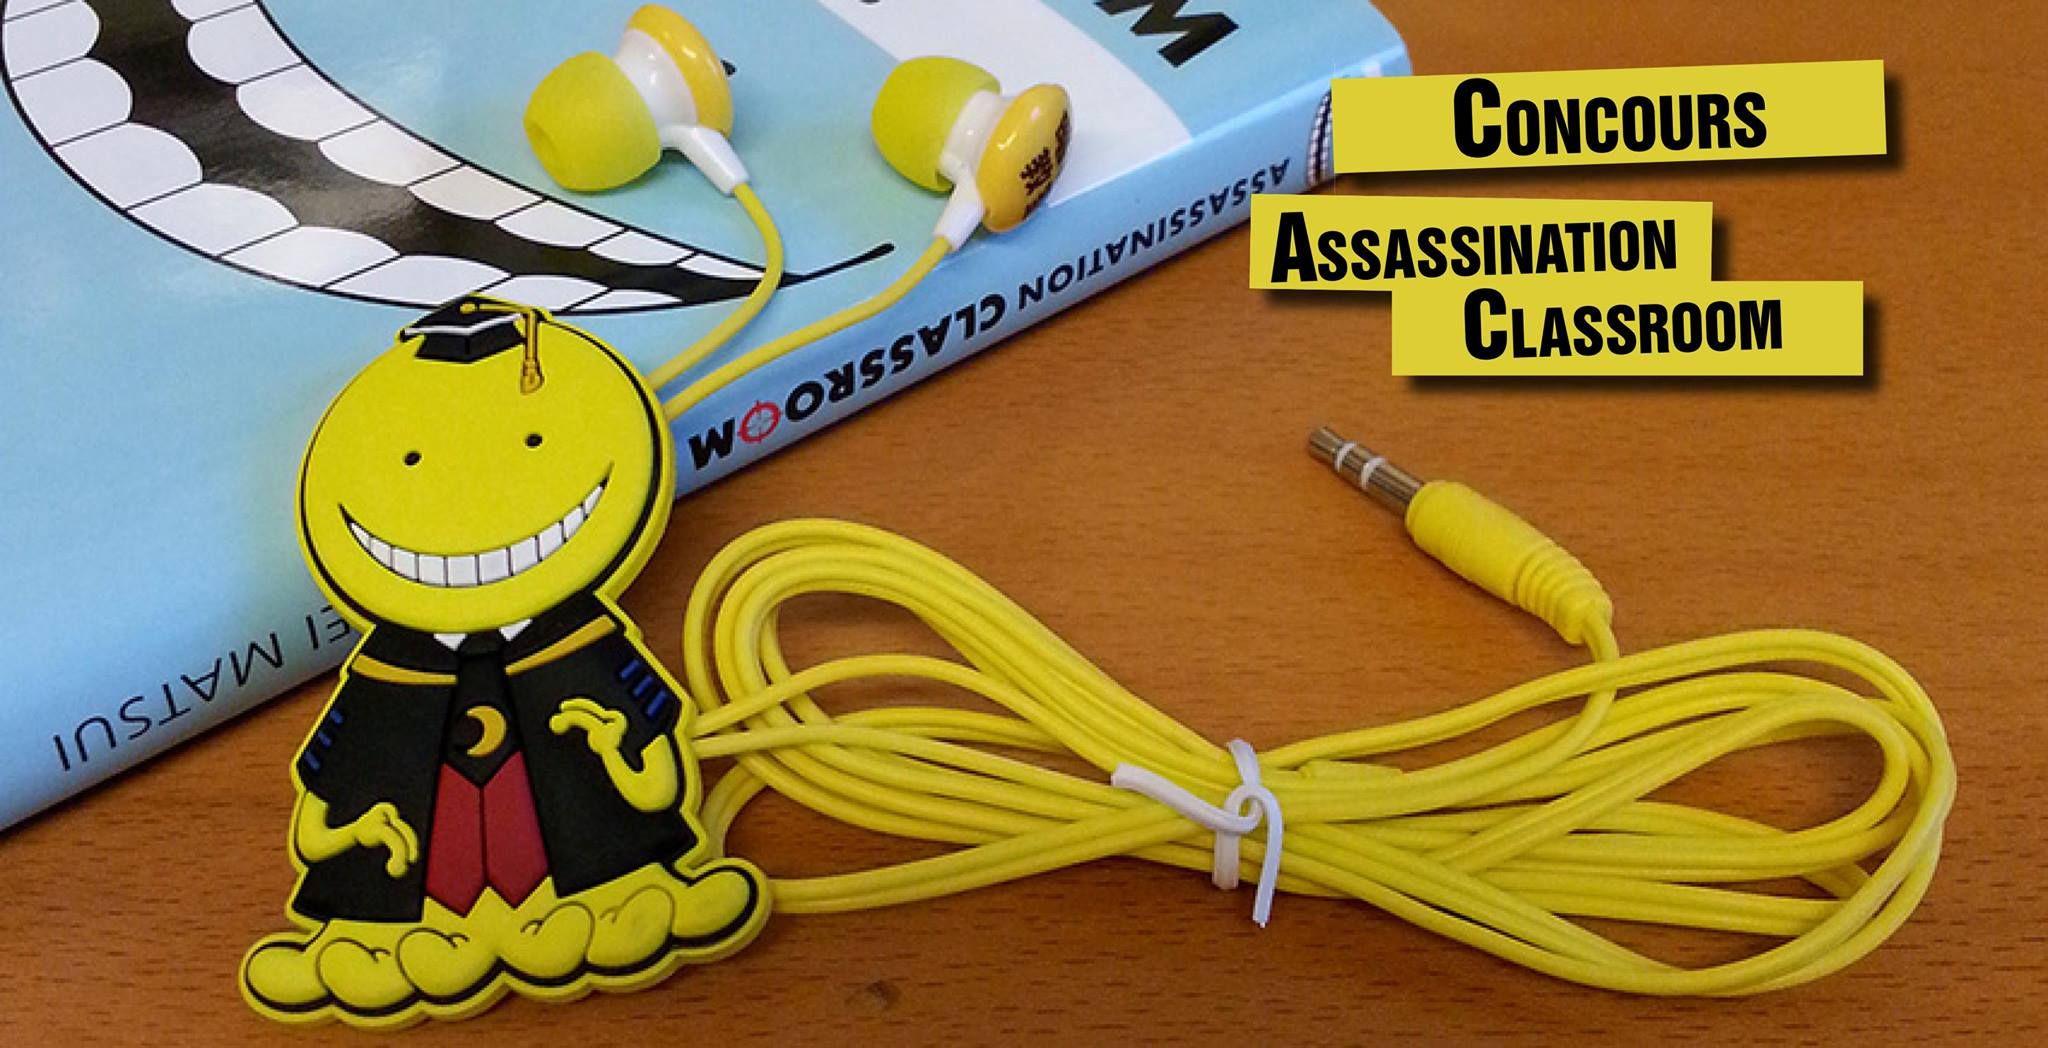 Concours Ecouteurs Assassination Classroom Assasination Classeroom Concours Otaku